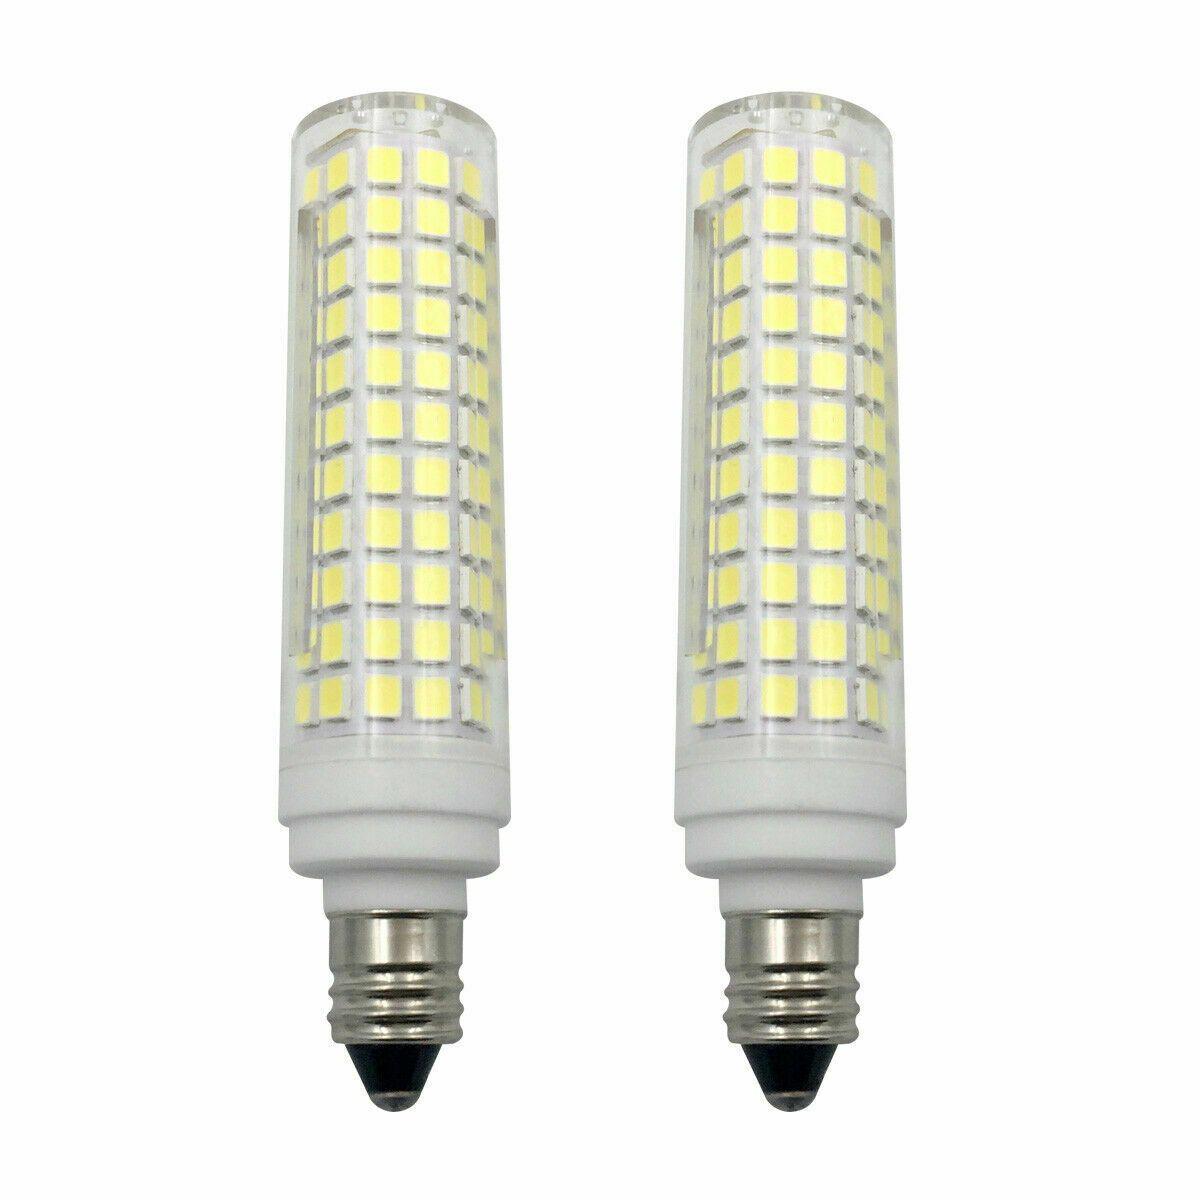 Pin On White Lamp Base